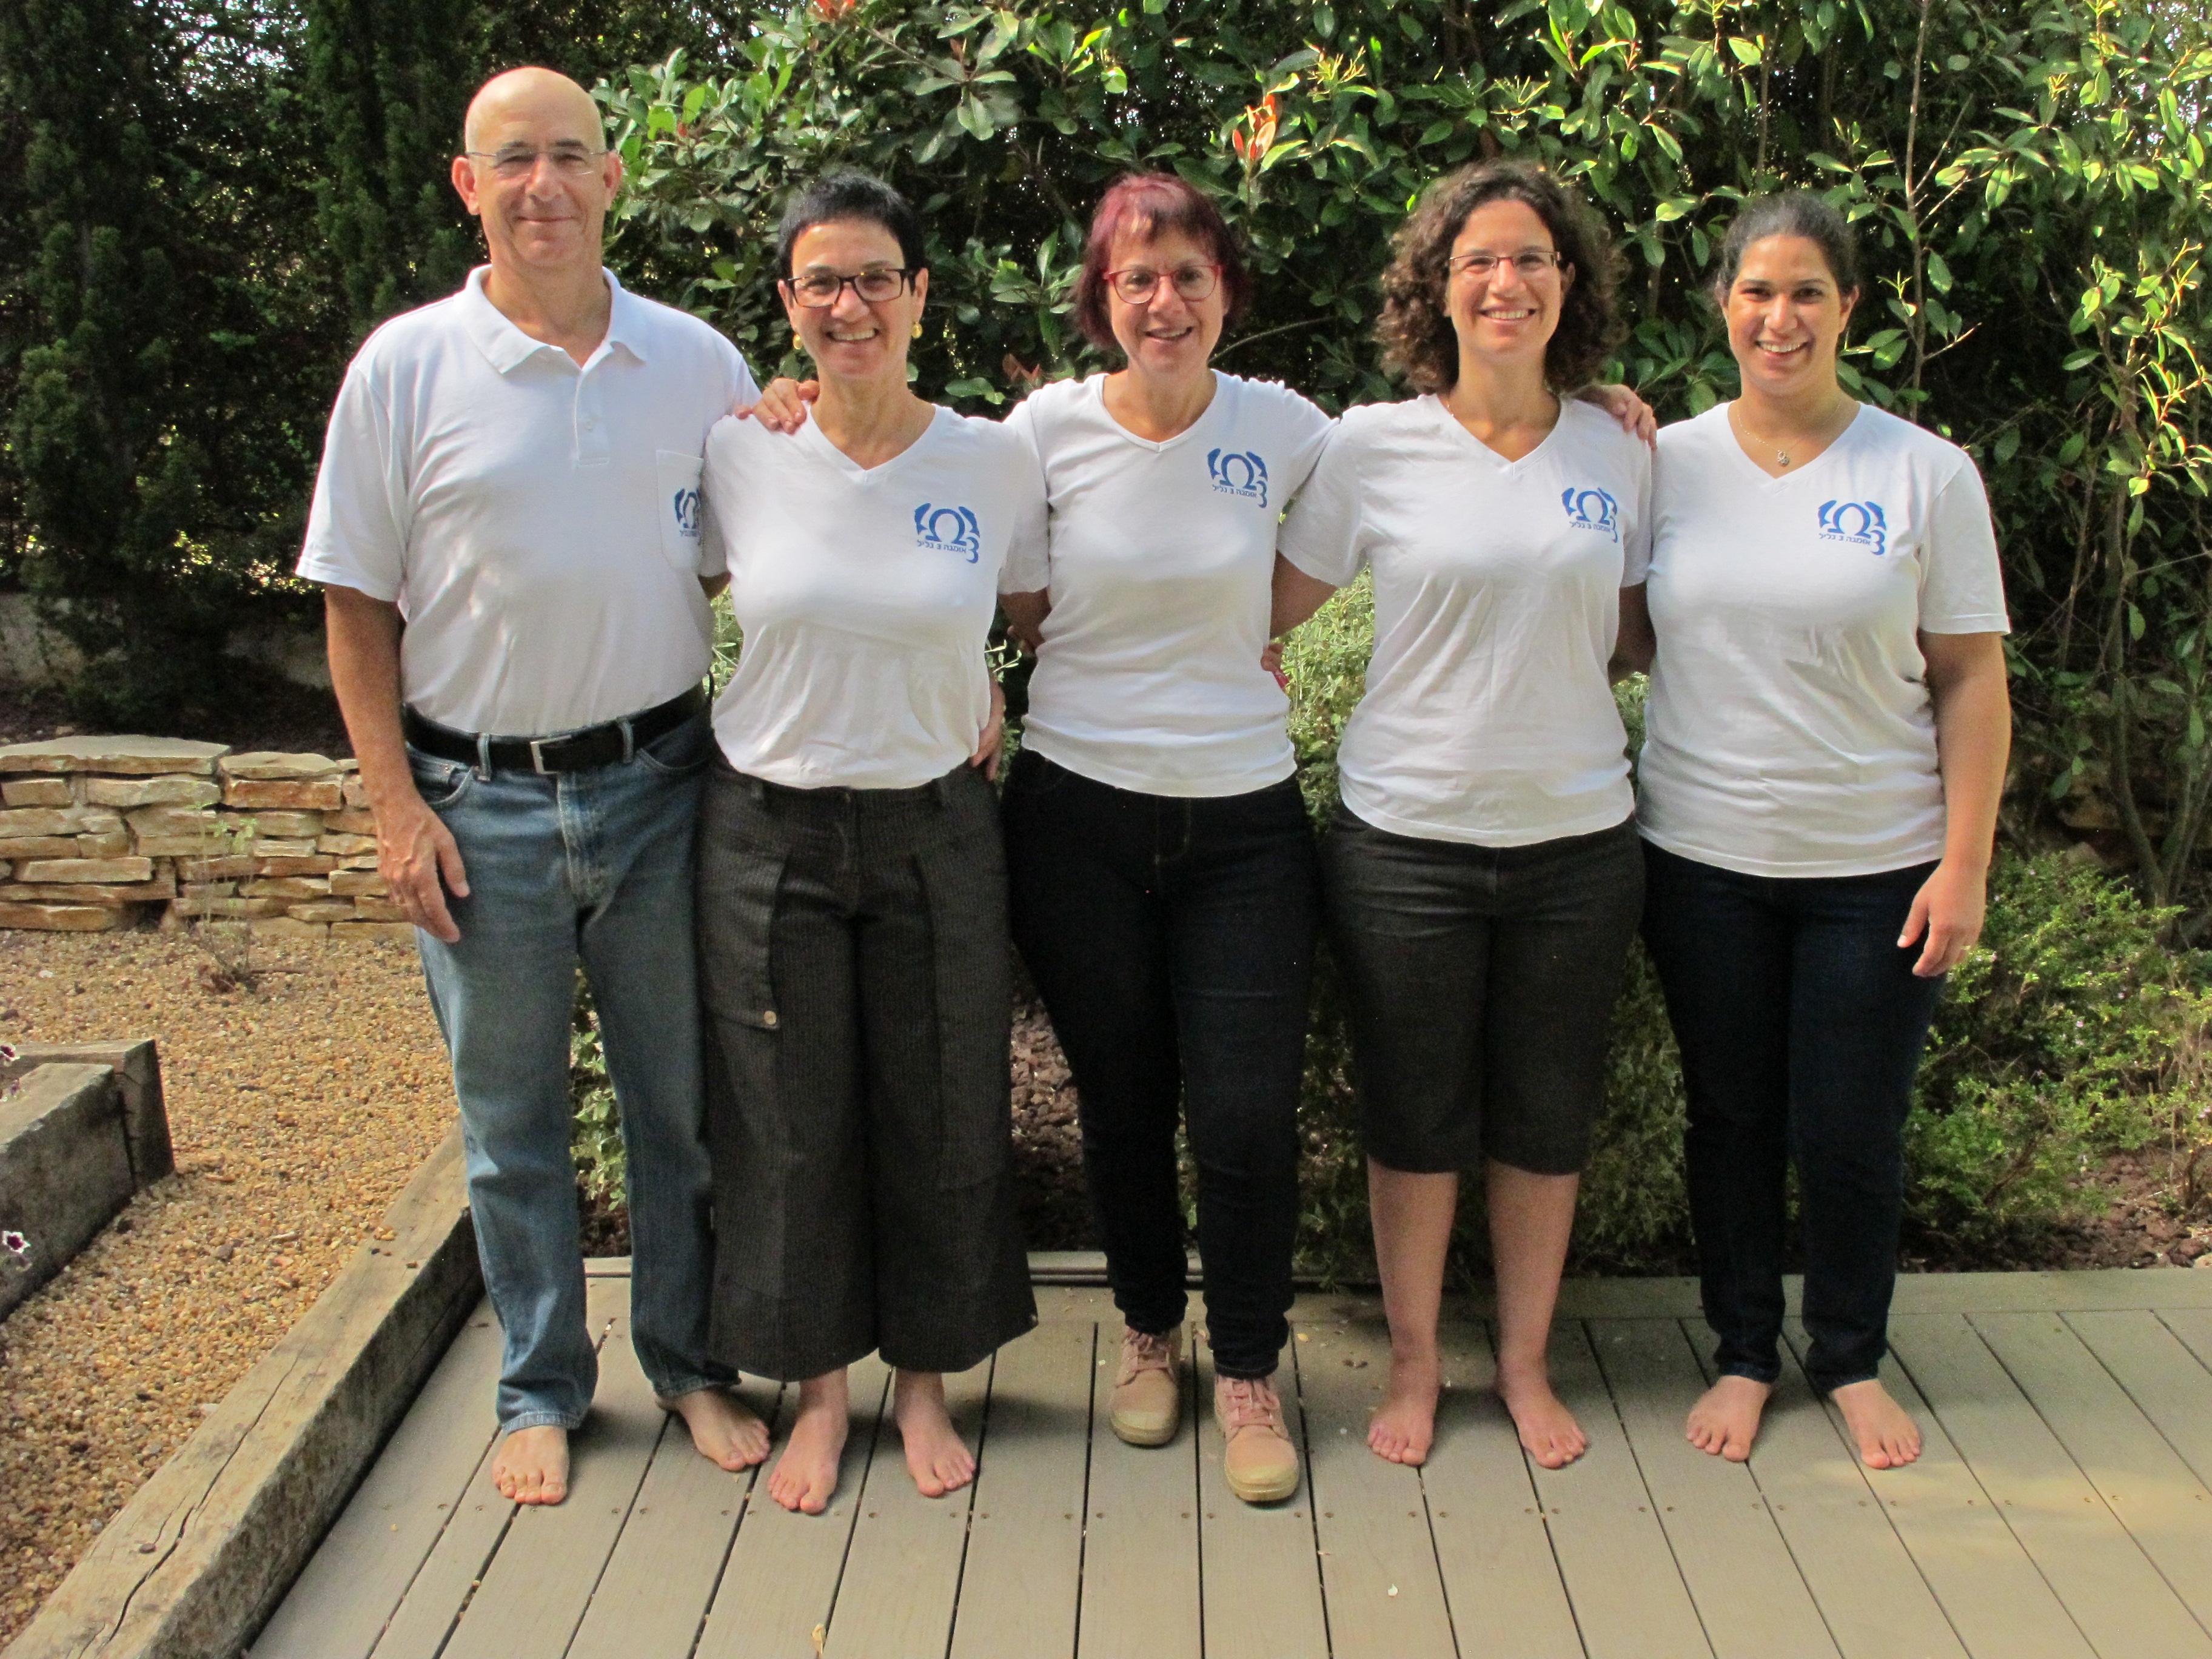 צוות אומגה 3 גליל. מימין לשמאל: ענת, אור, בתיה, אורנה וגיא